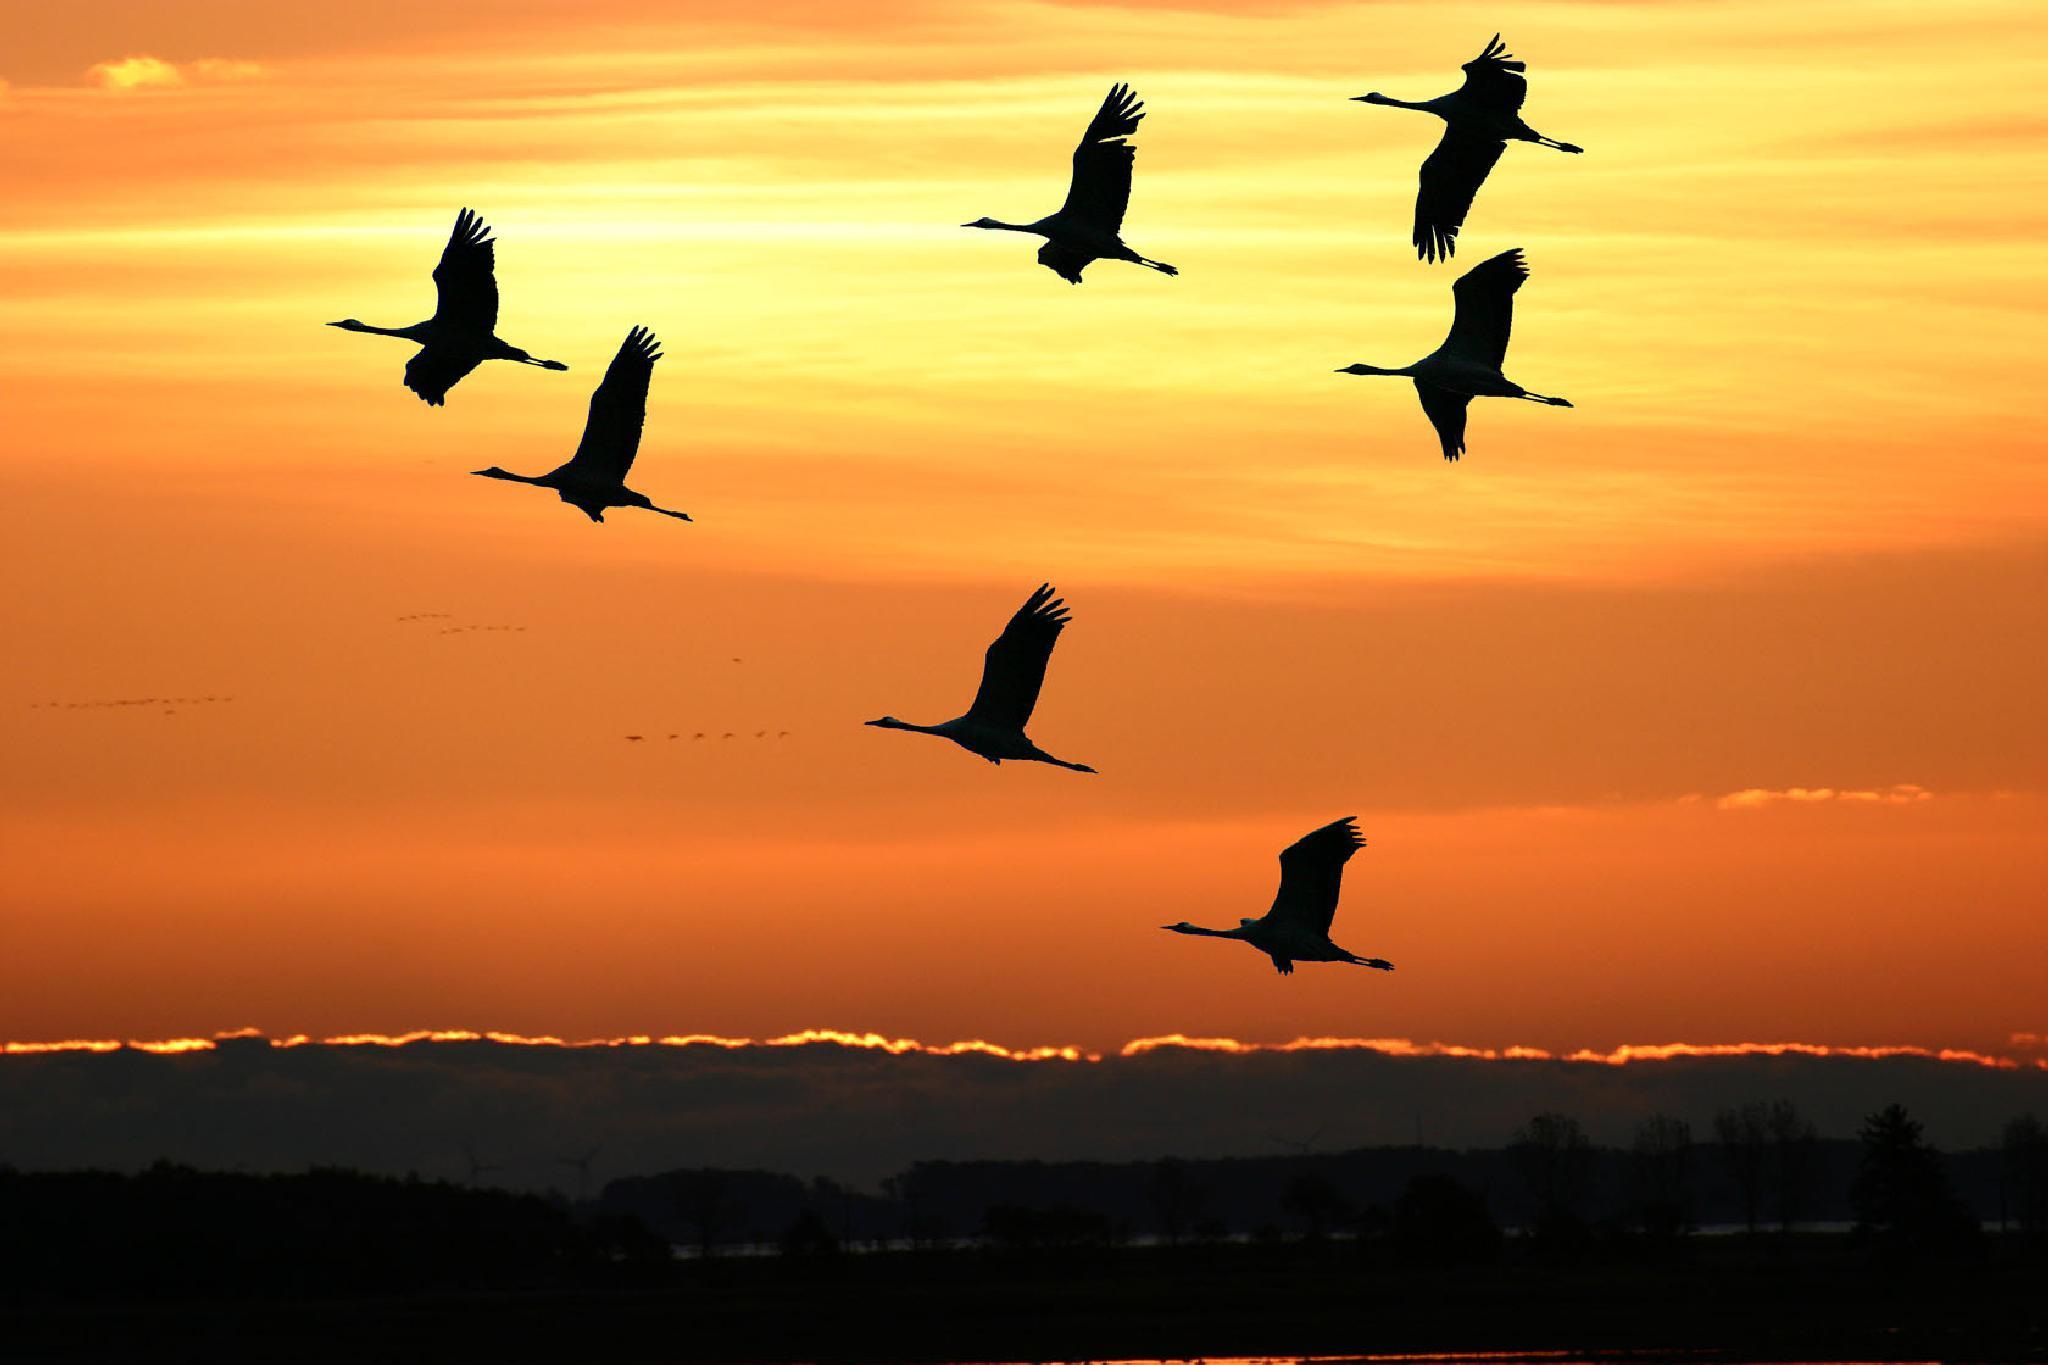 Cranes - birds of happiness by Heinrich Frhr. von Berlepsch